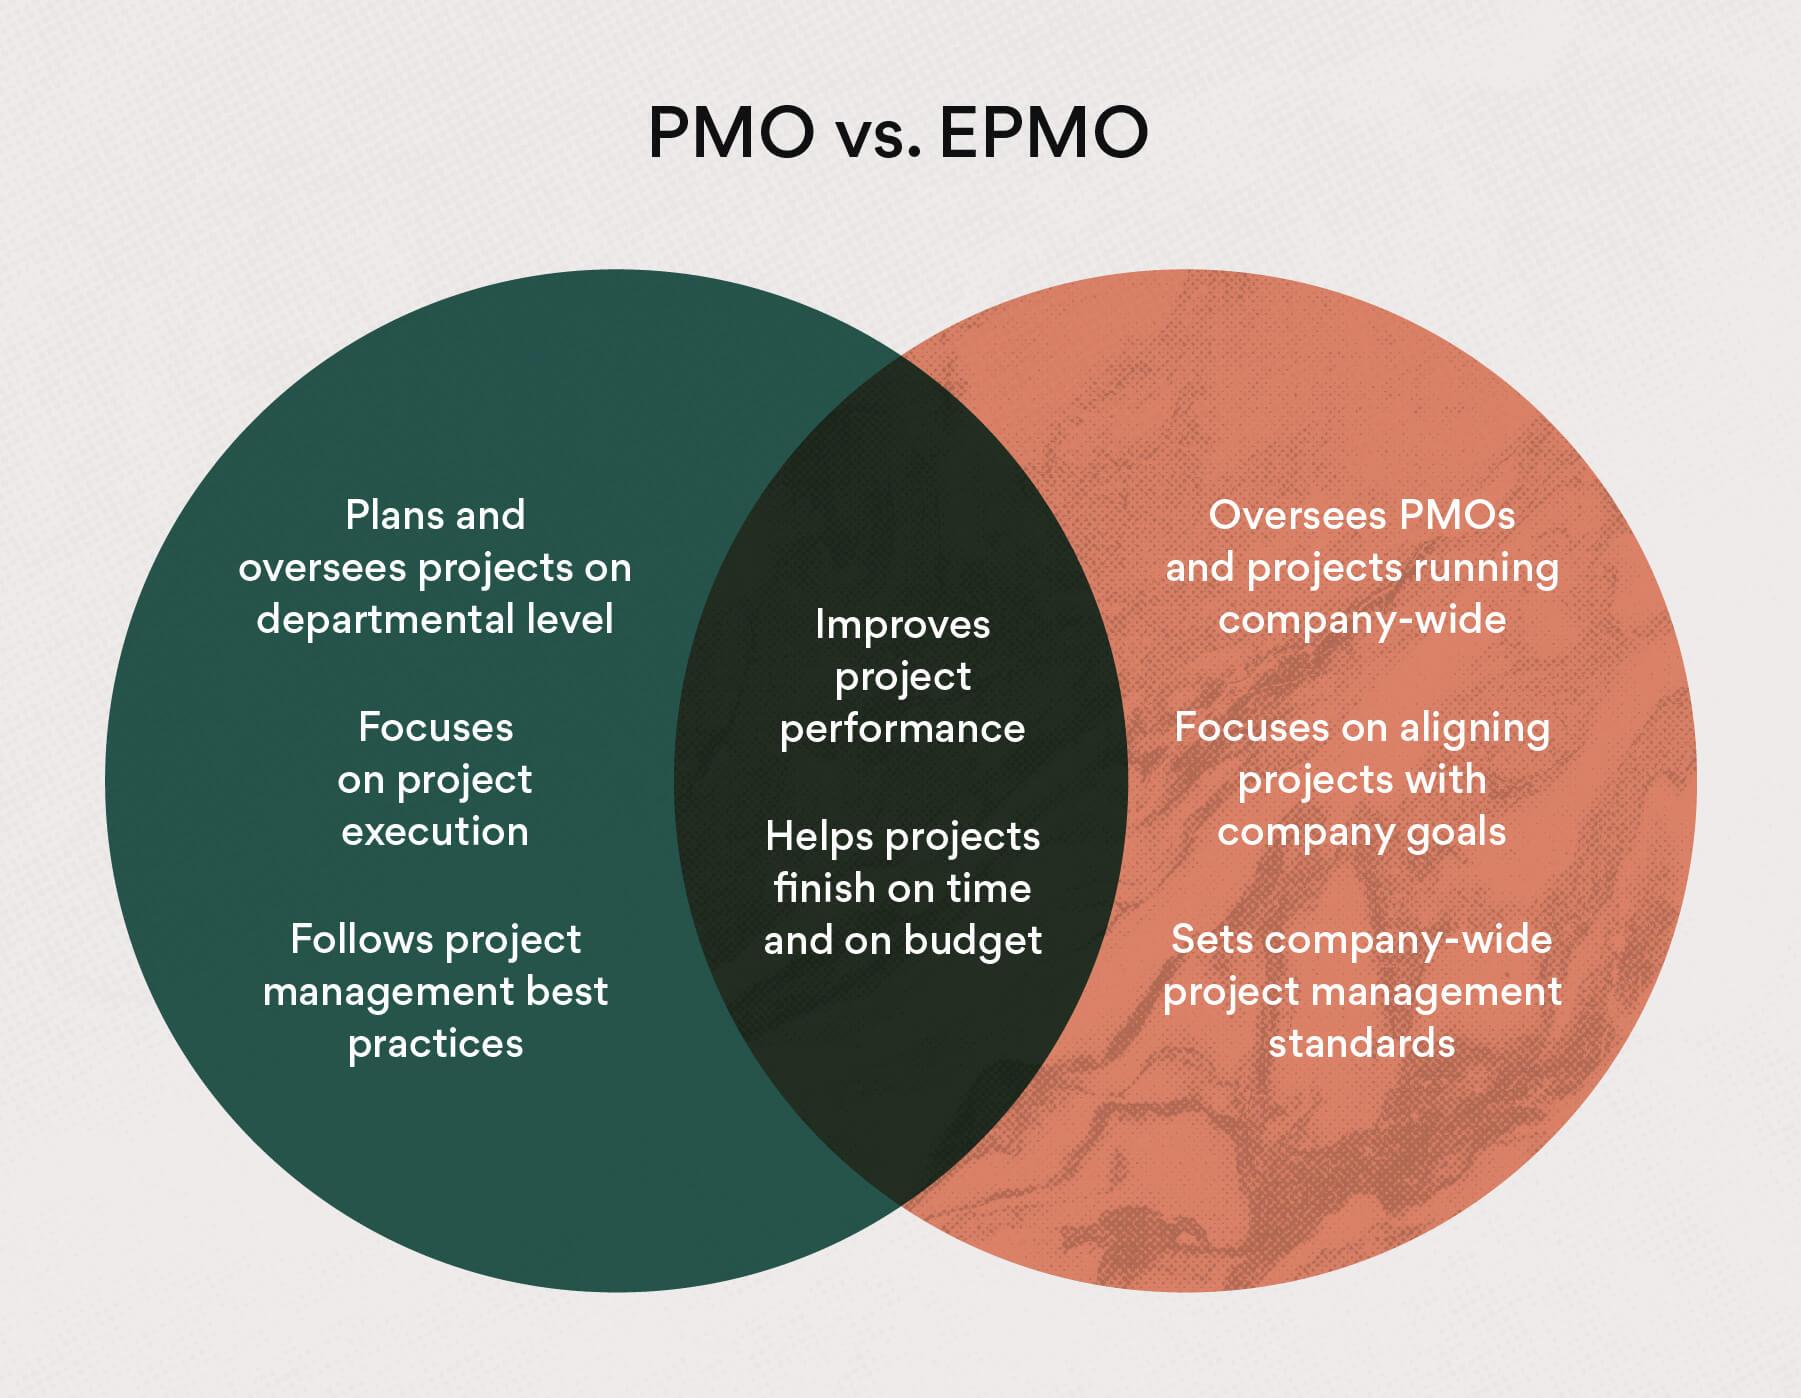 EPMO vs PMO